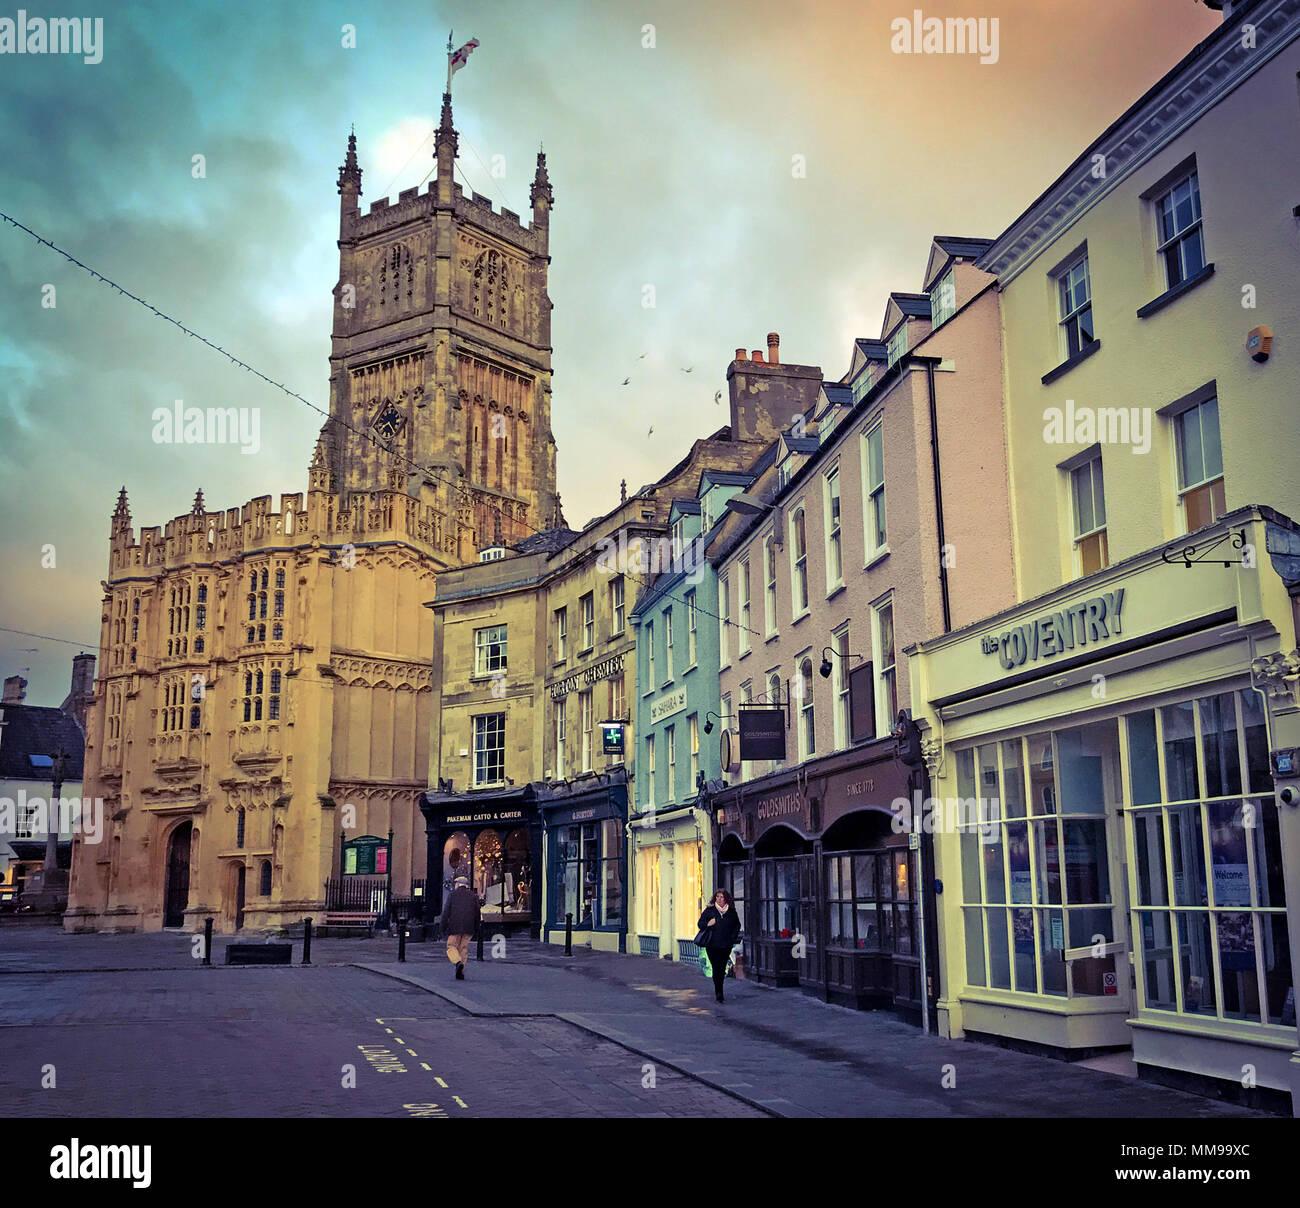 GoTonysmith,@HotpixUK,market town,centre,England,UK,GL7 2NX,GL7,Gloucestershire,Cathedral,Church,street,streets,shop,retail,shops,quaint market town,quaint,tourist,tourism,large Cotswold towns,Roman Corinium,Romans,Roman town,Fosse Way,Church of John The Baptist,John The Baptist,abbey church,thriving,thriving market town,Early morning,dawn,dawn in Cirencester,Morning in Cirencester,local shops,local retail,Cotswold District Council,District Council,CDC